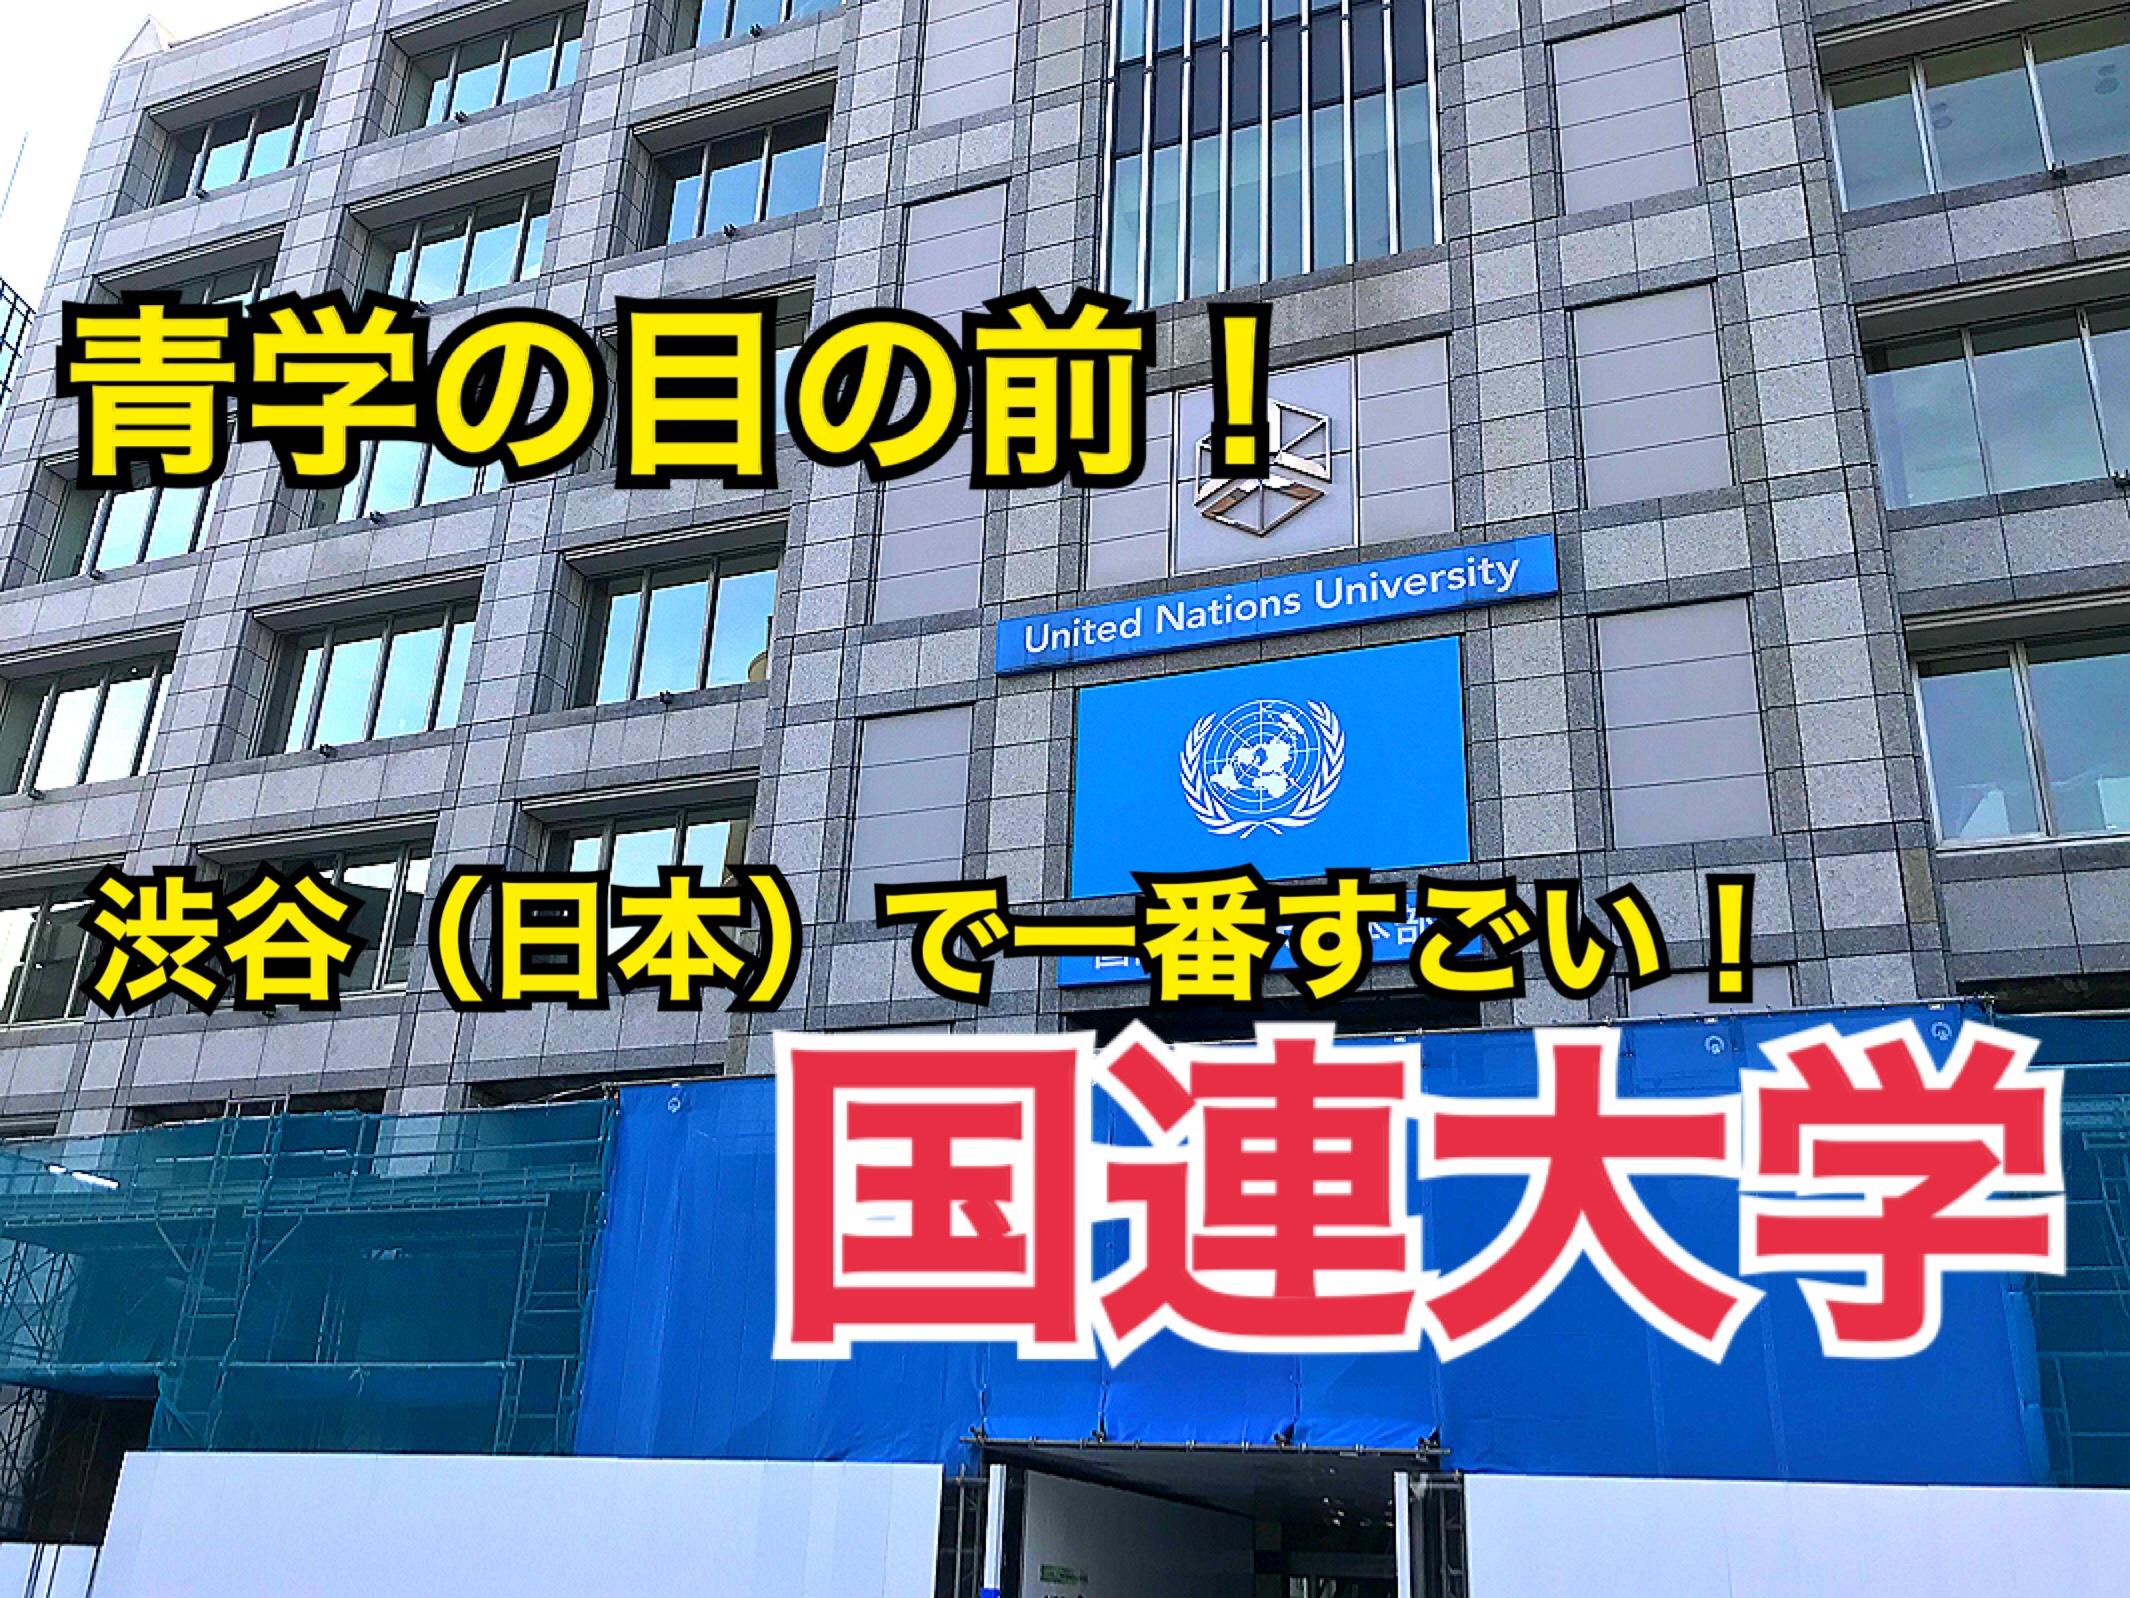 青山学院大の目の前!渋谷にある最強の「国連大学」を見てきた! 渋谷観光